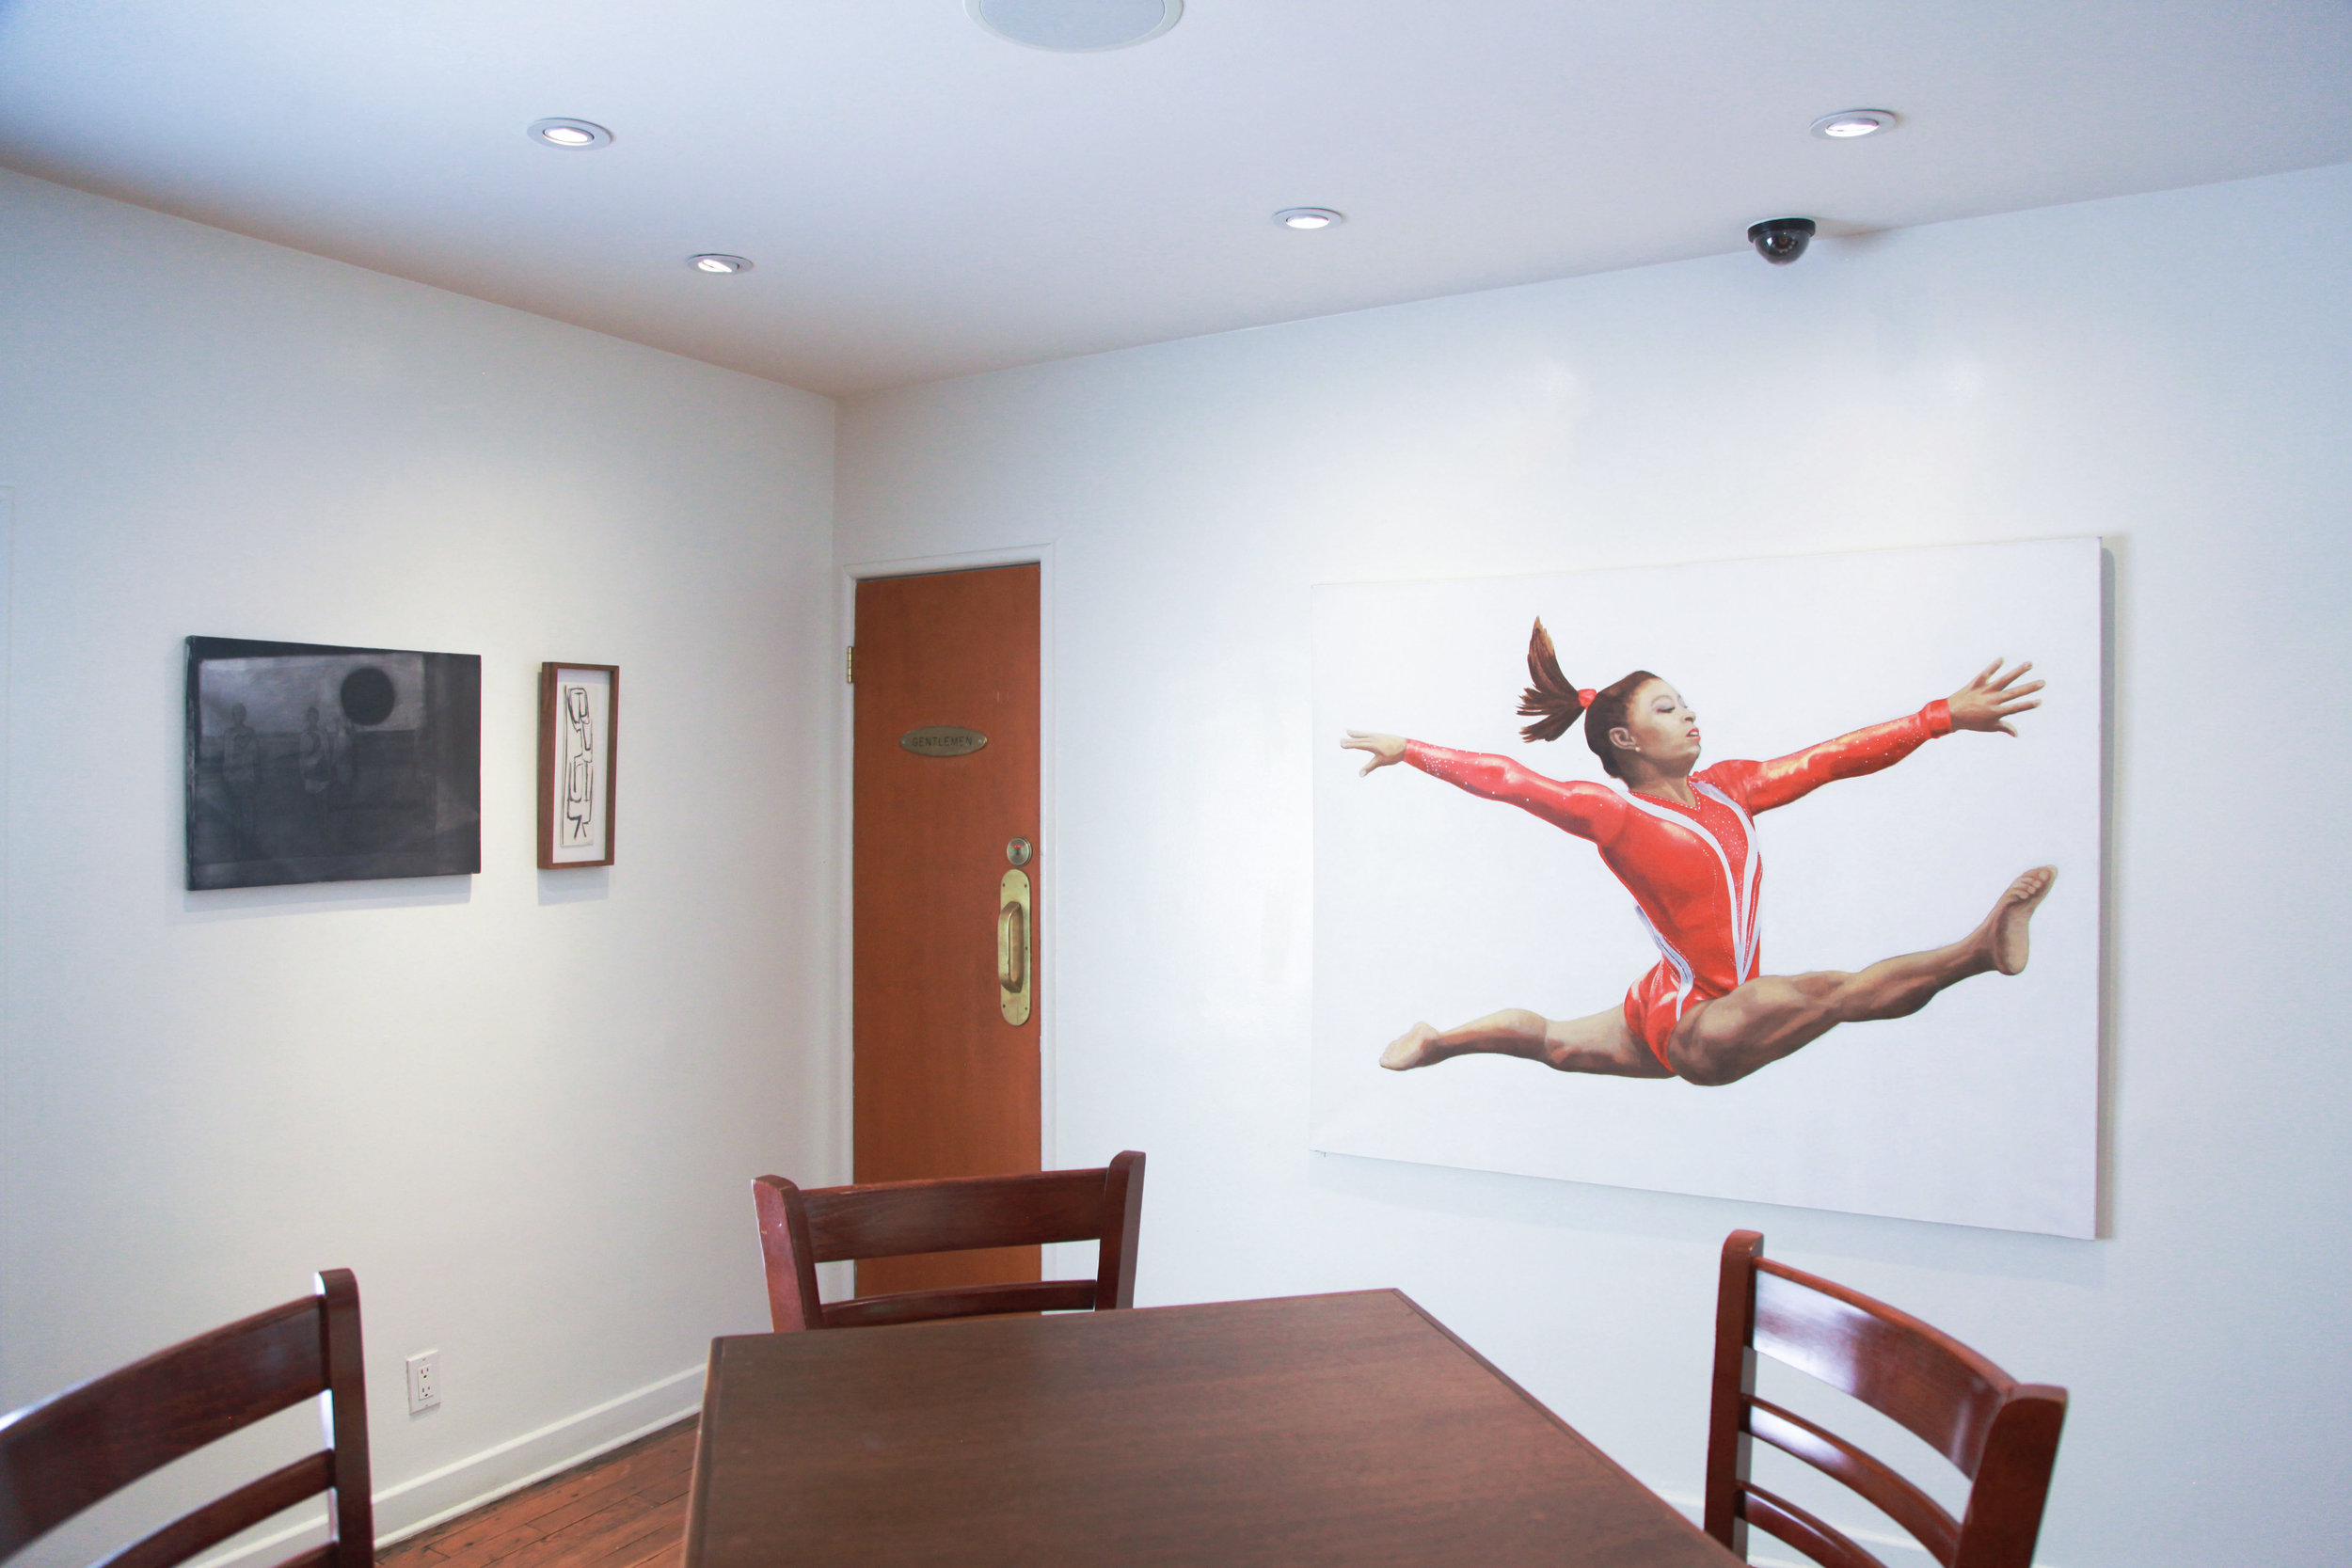 Installation view: Silke Otto-Knapp, Luchita Hurtado, Jill Mulleady